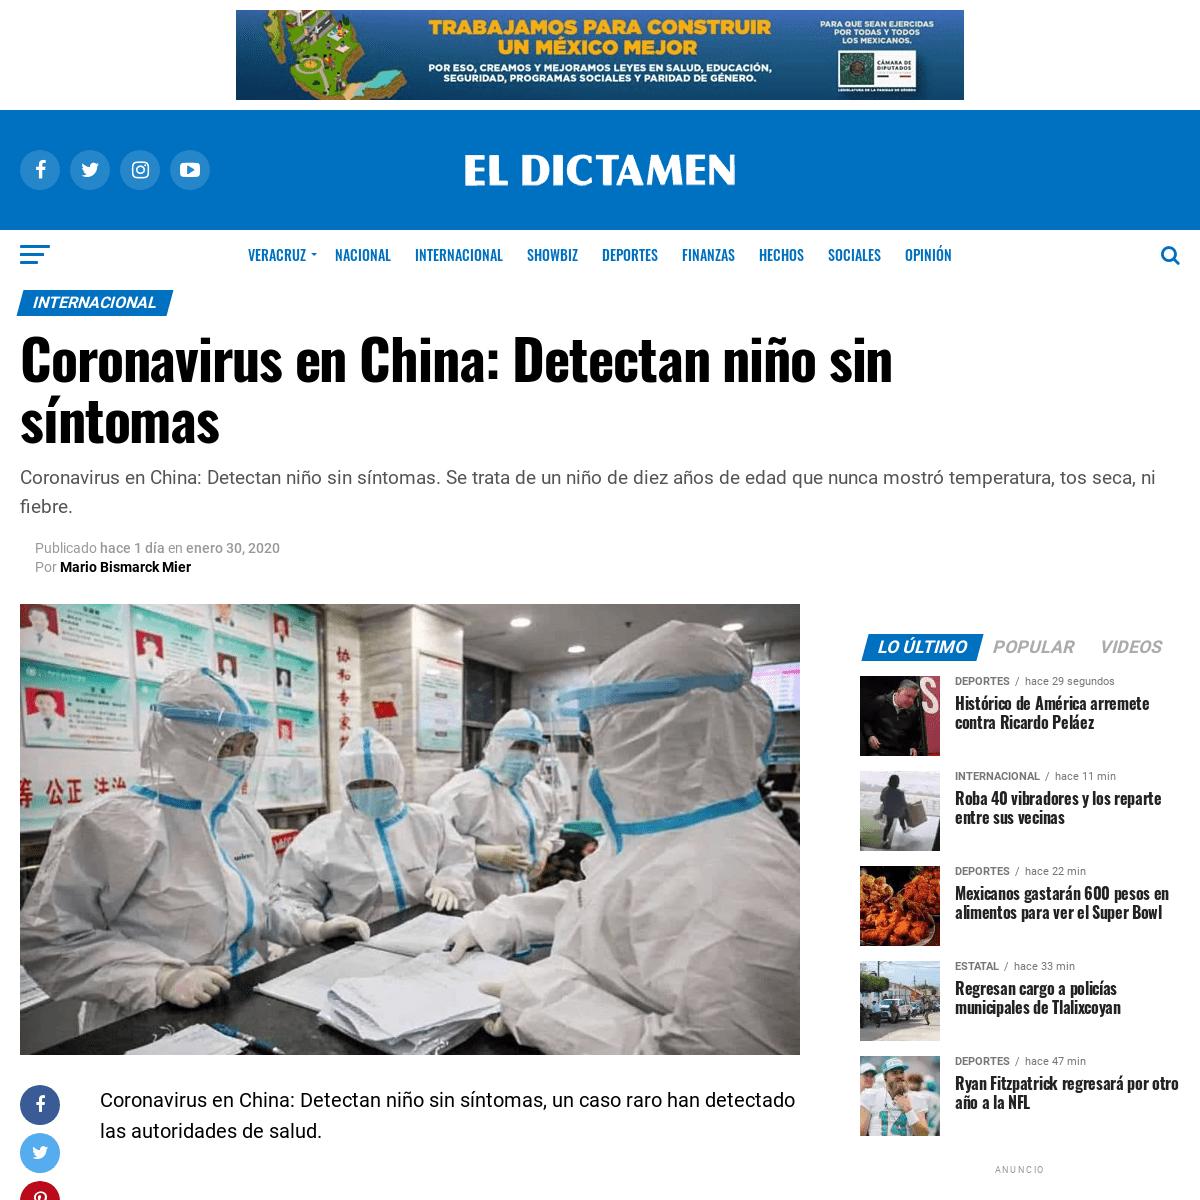 Coronavirus en China- Detectan niño sin síntomas - El Dictamen